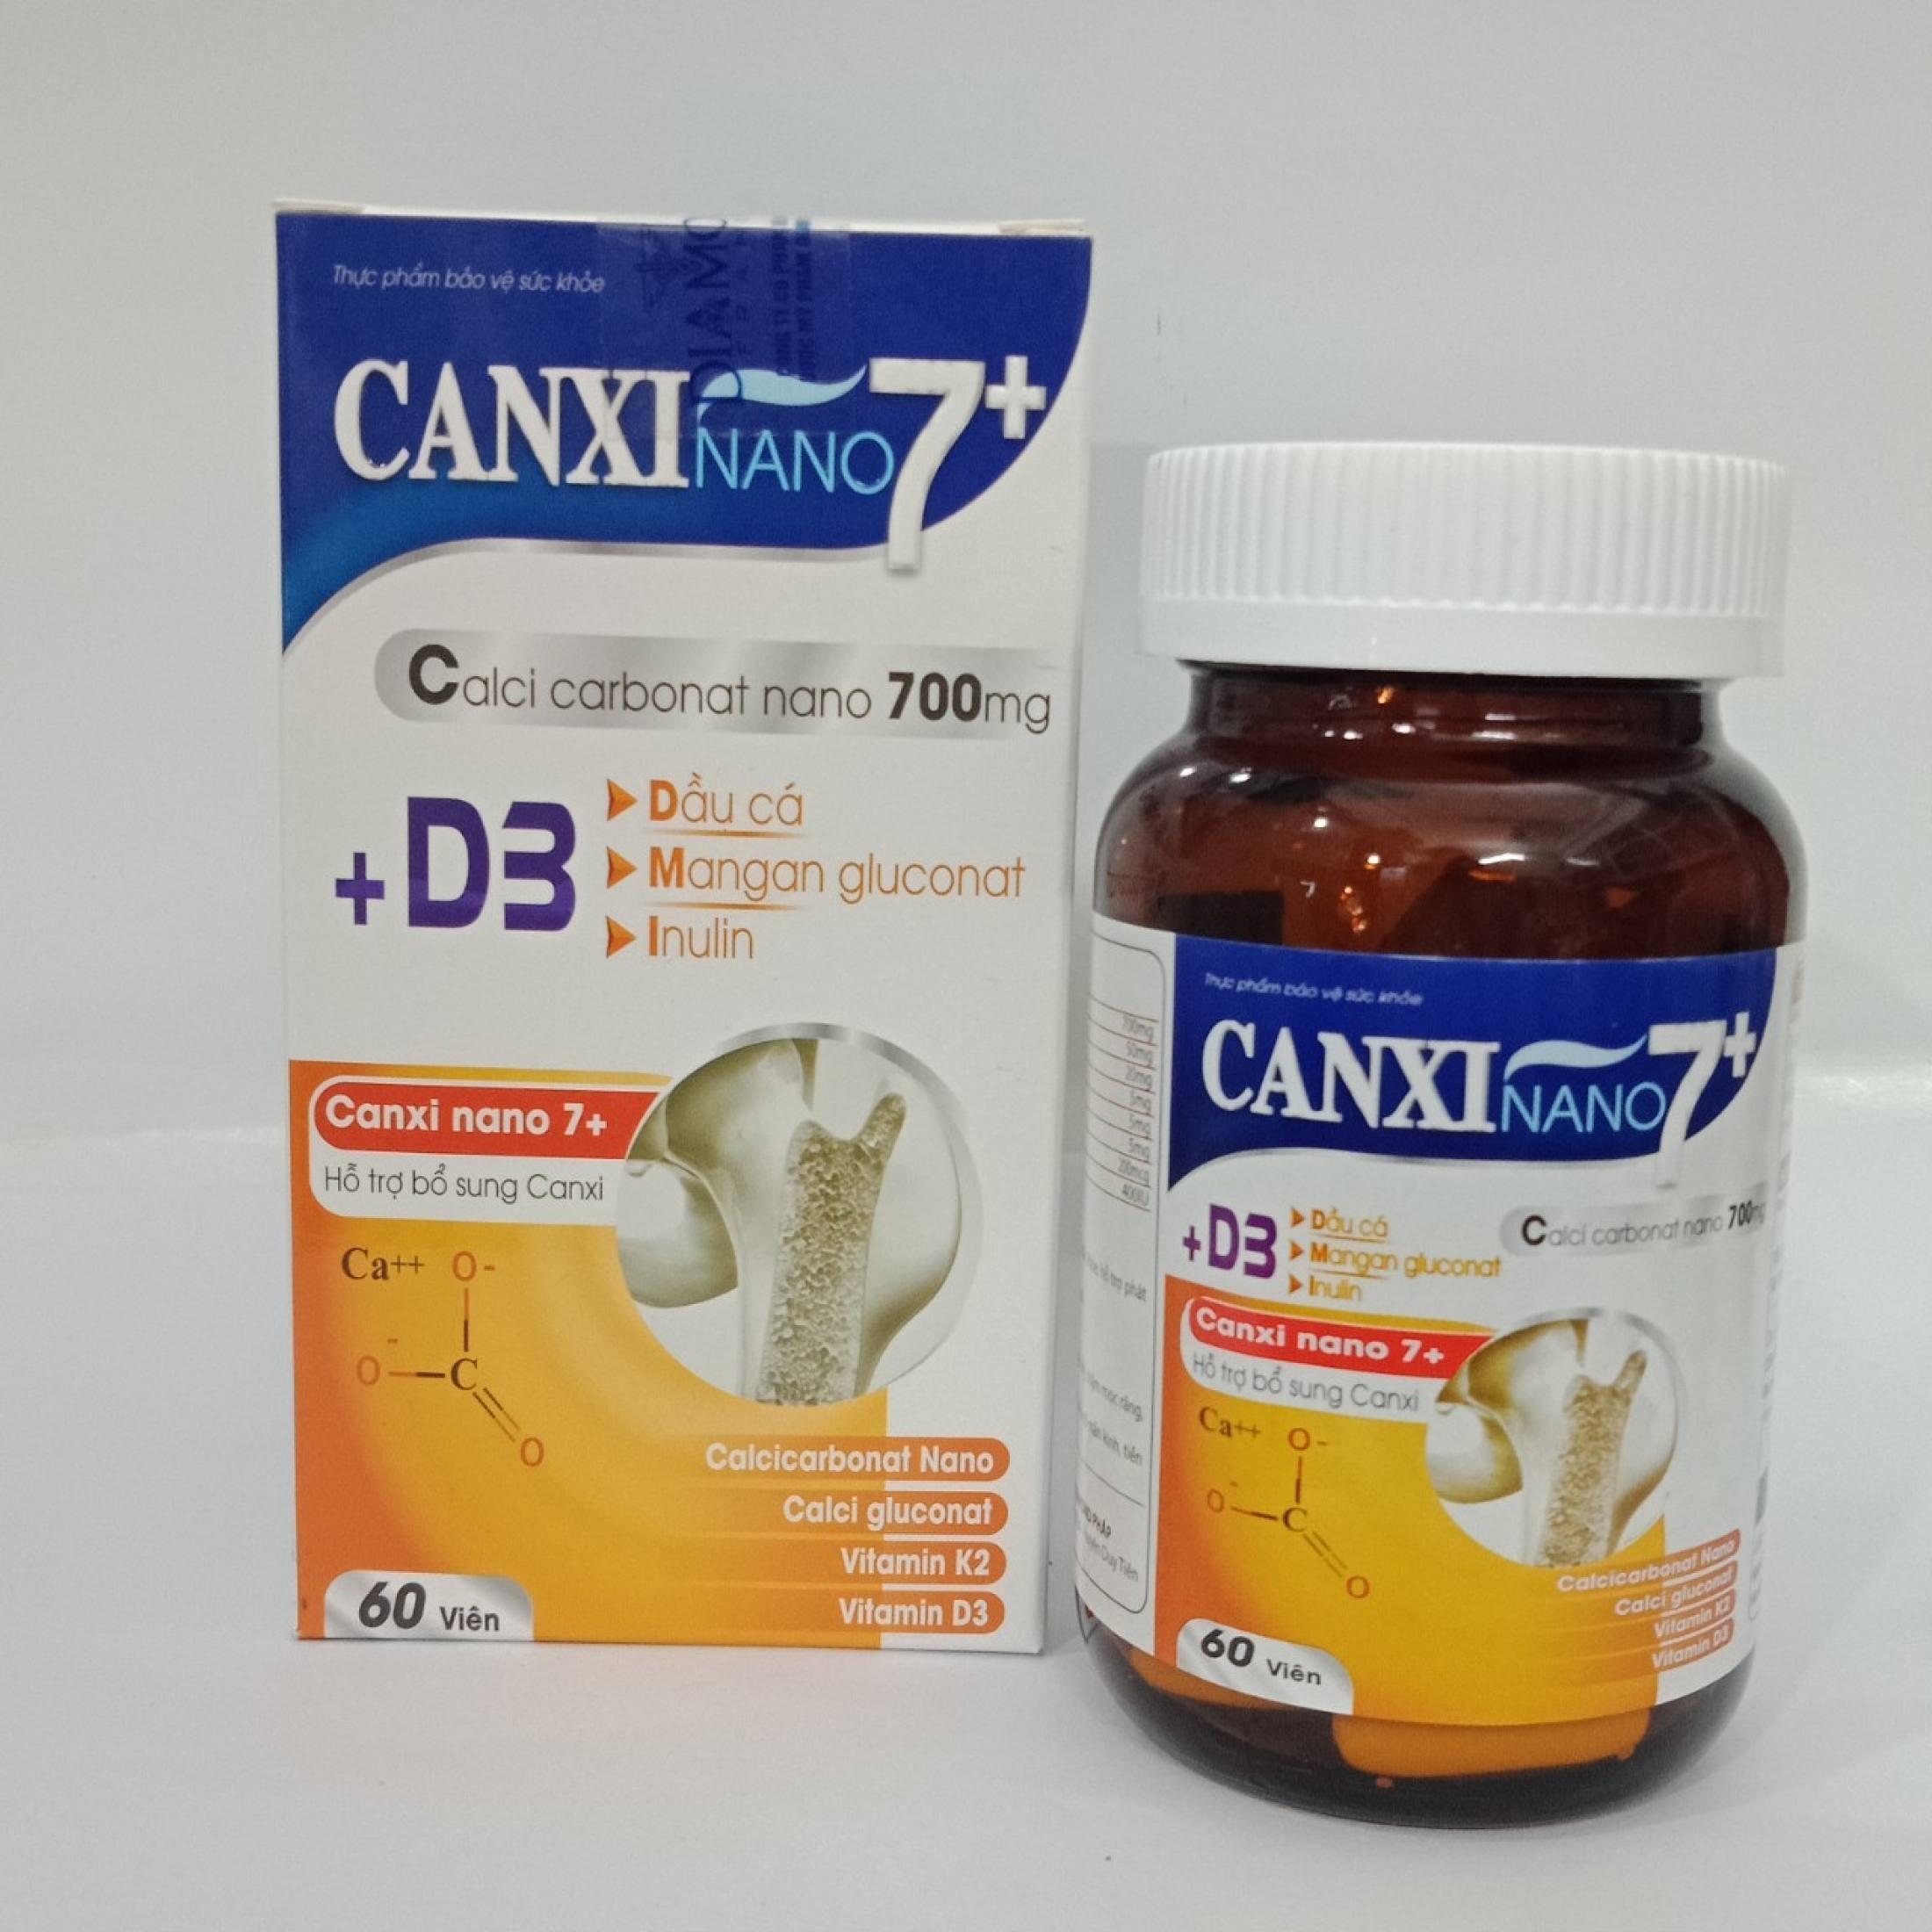 Phát triển chiều cao, bổ sung canxi nano, MK7, phòng ngừa loãng xương - Viên uống Canxi nano 7+ ( lọ 60 viên)